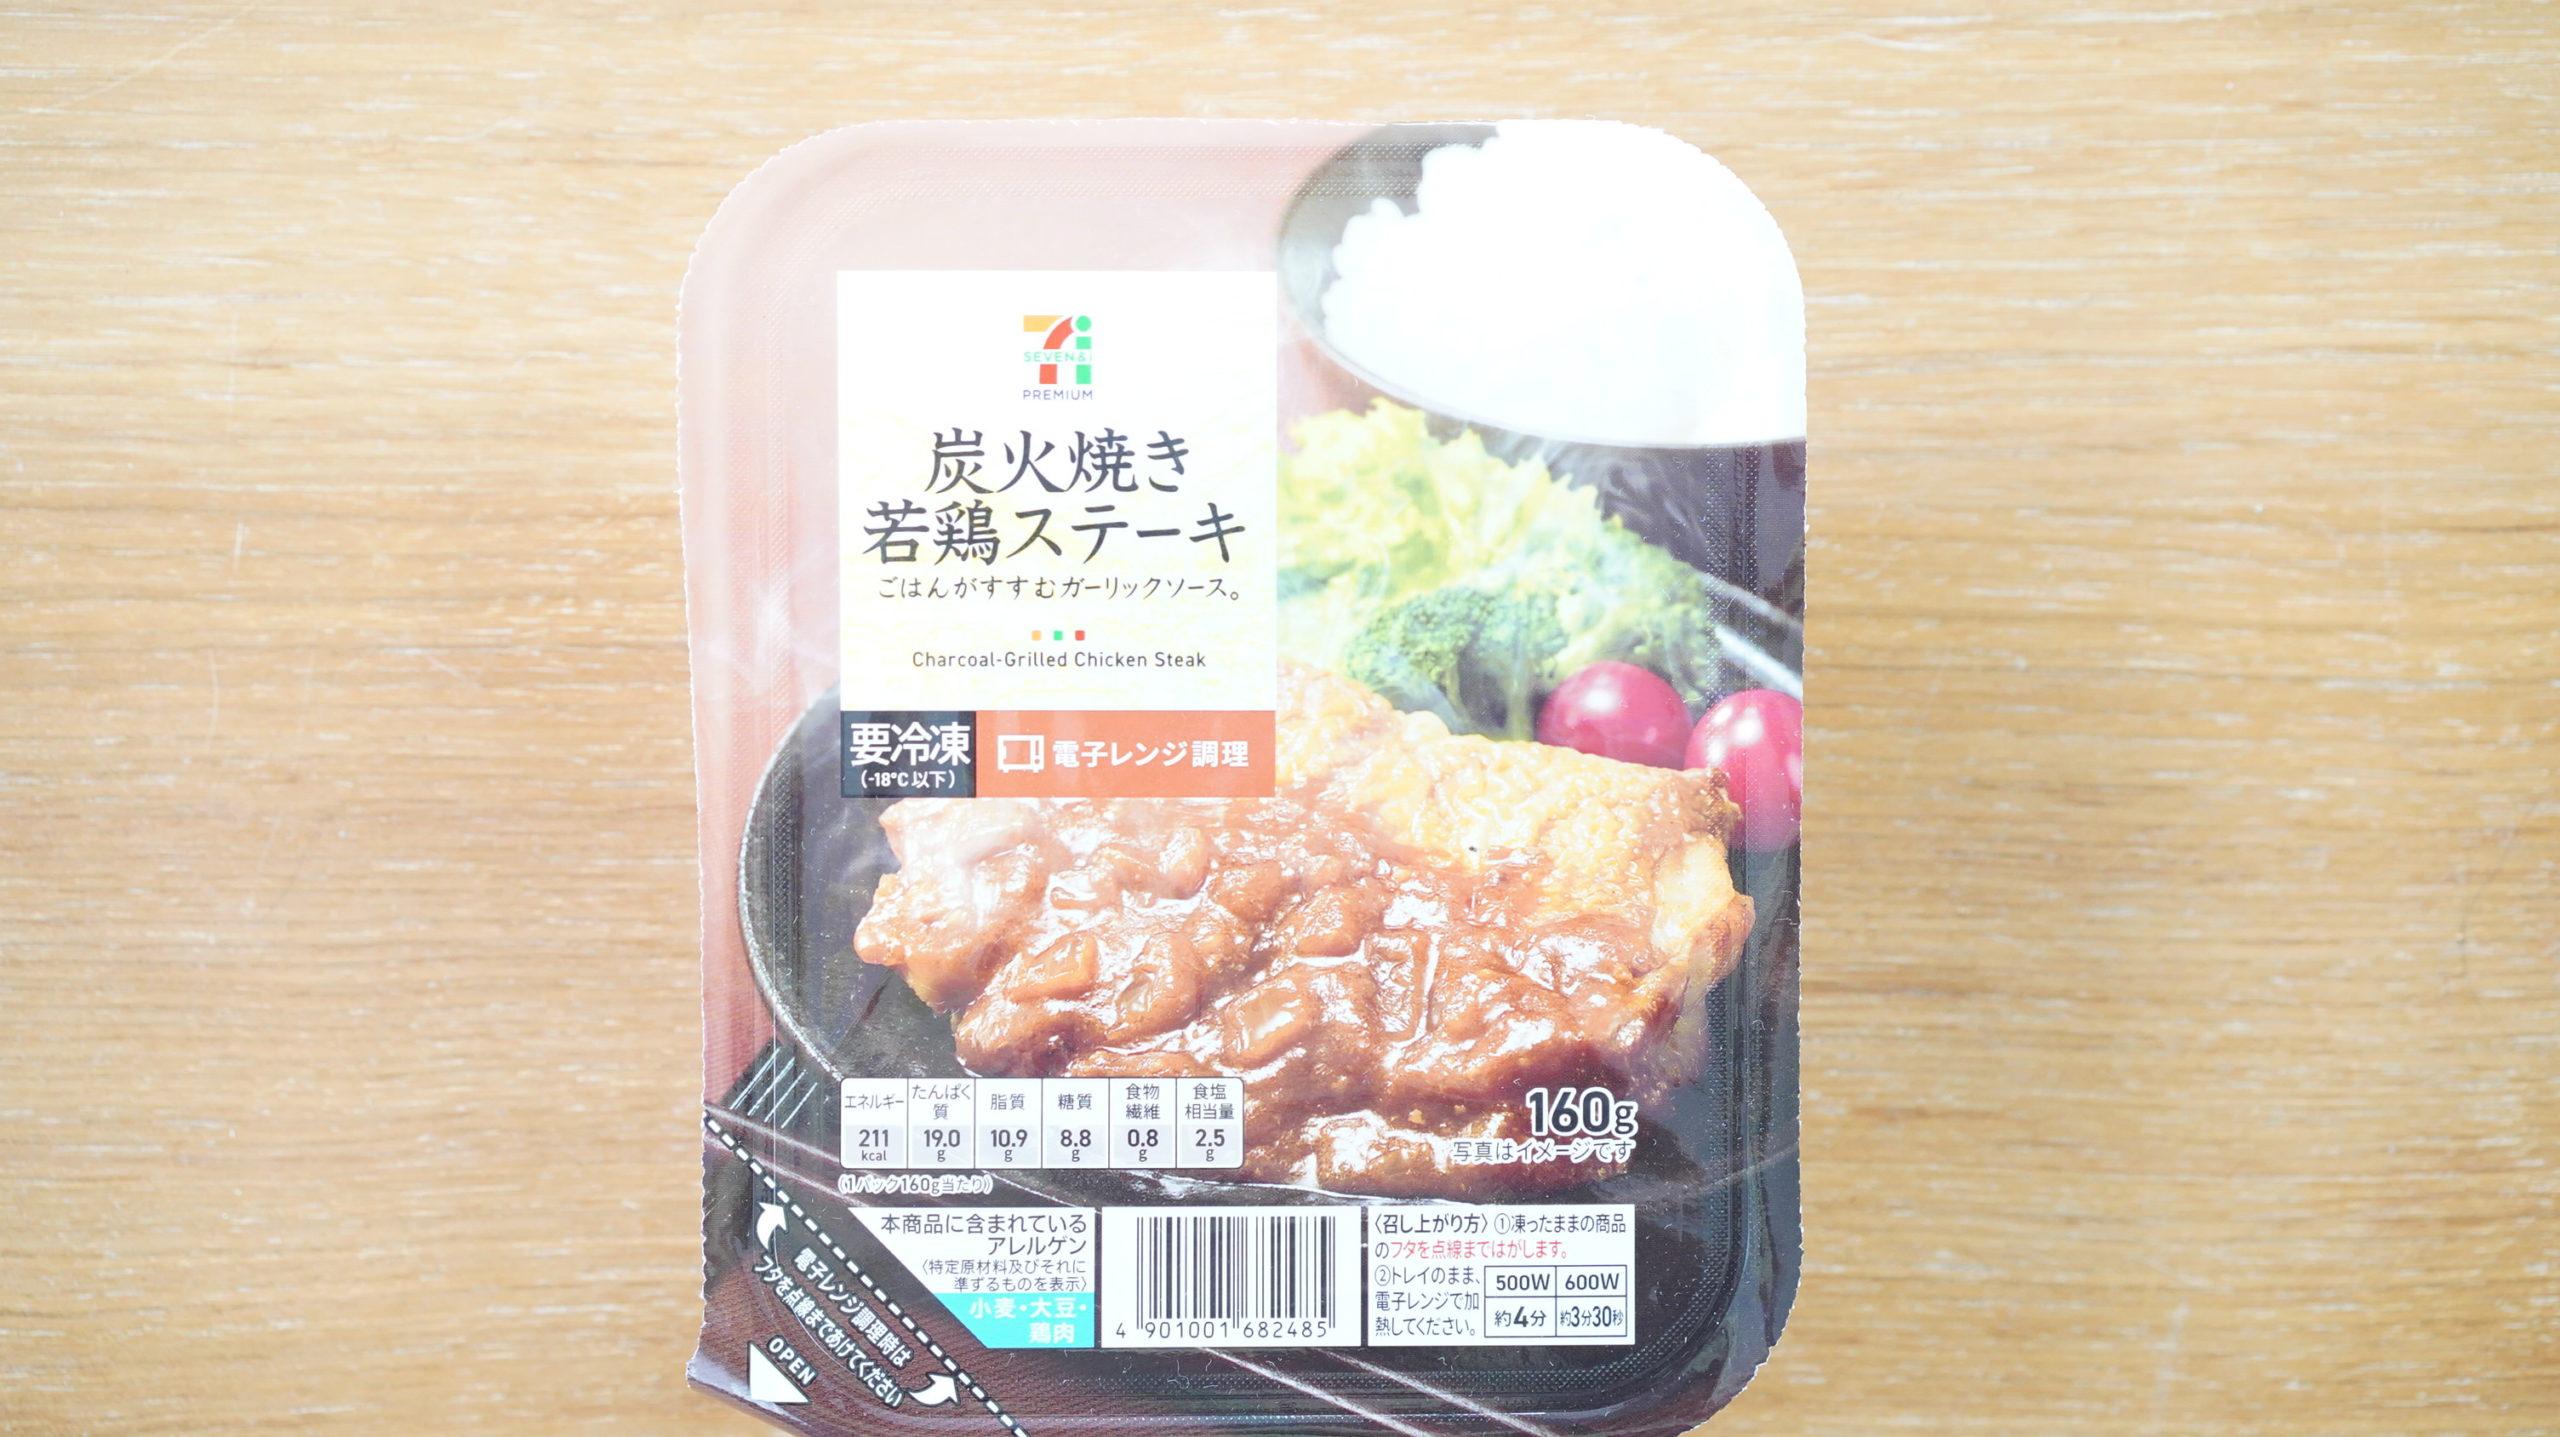 セブンイレブンのおすすめ冷凍食品「若鶏ステーキ」のパッケージ写真